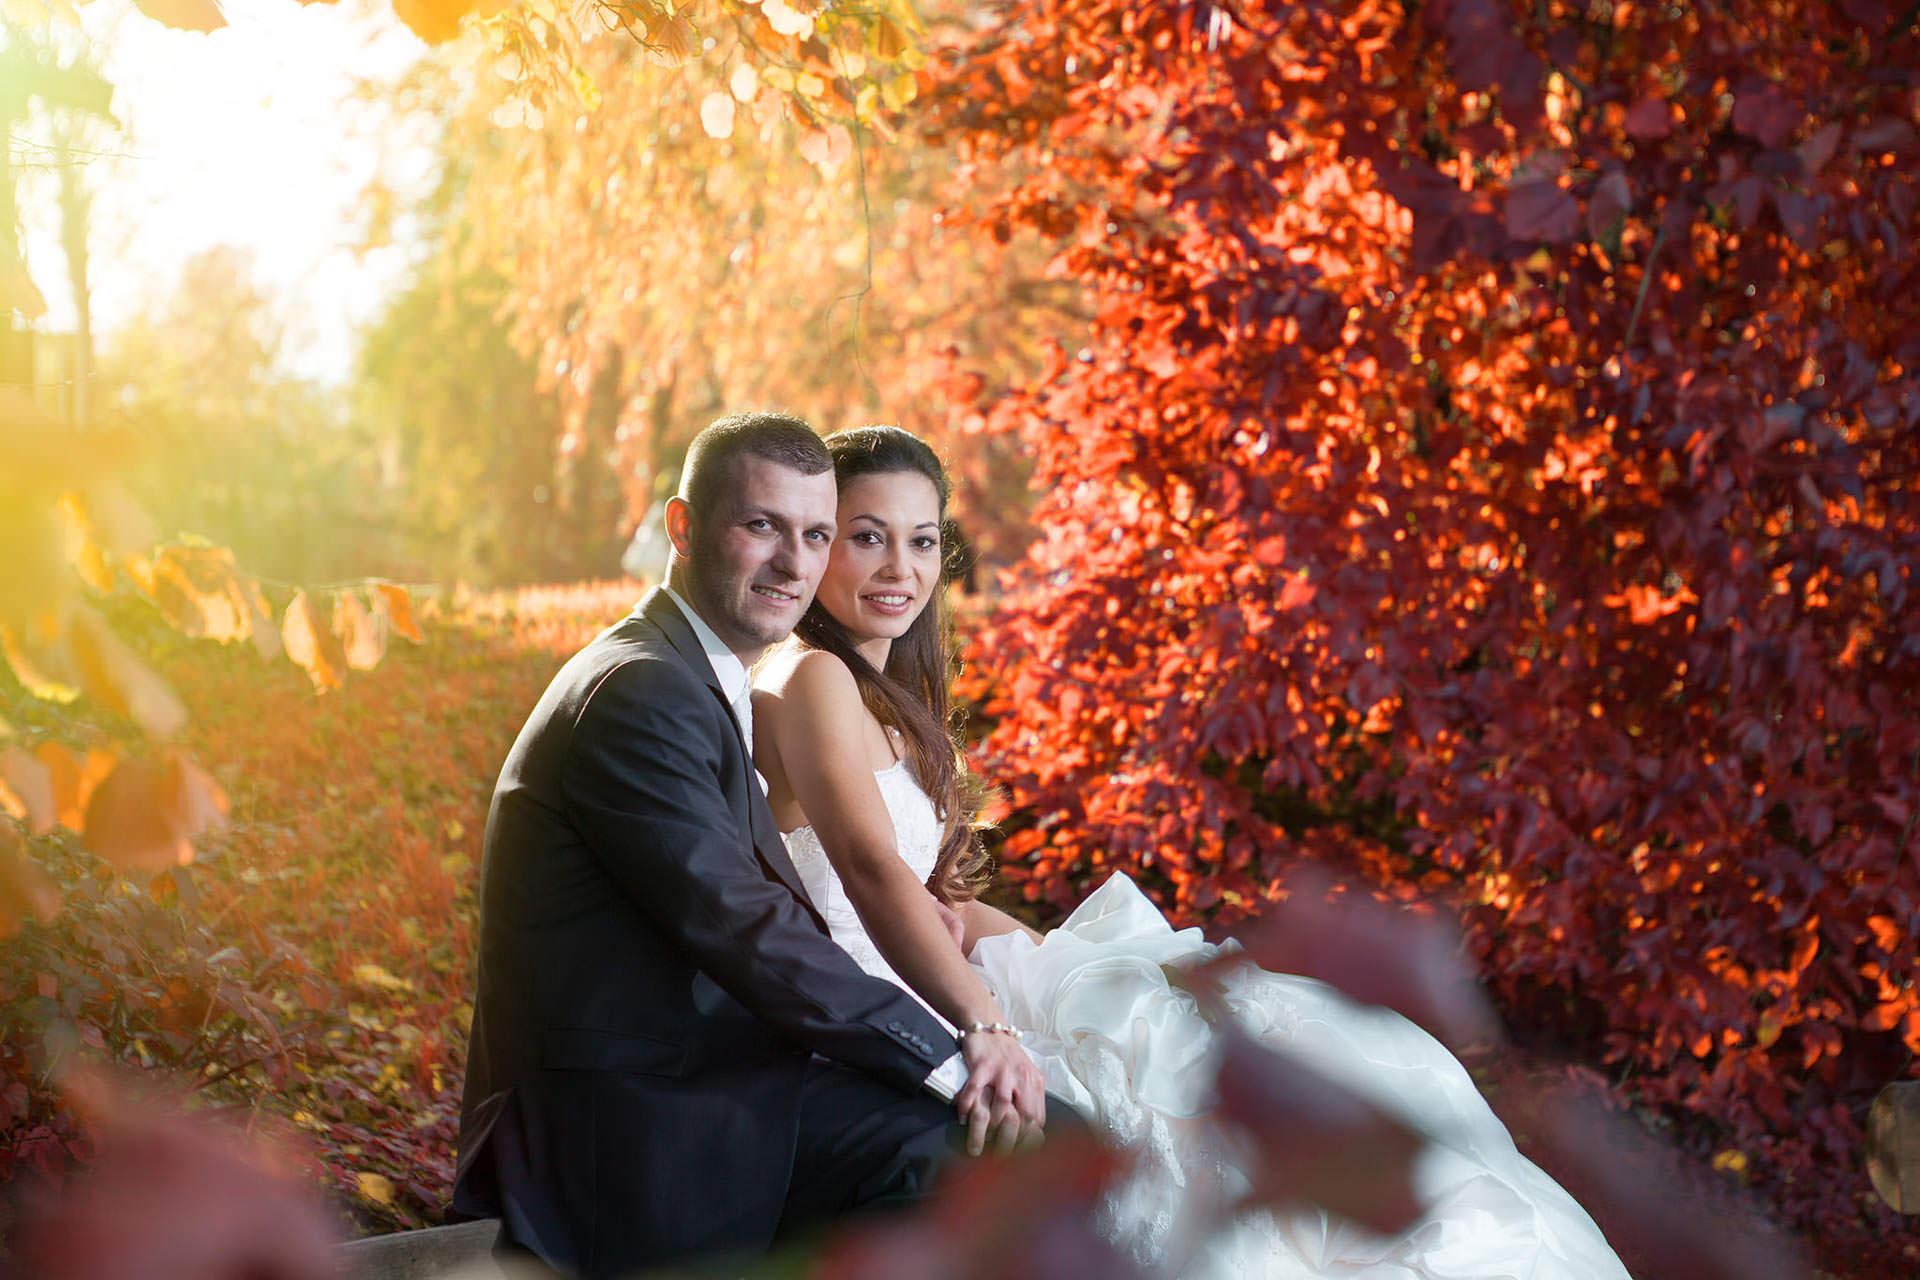 Hochzeitsfotografie Samuel Pfleumer. Ihr fotograf für Hochzeiten